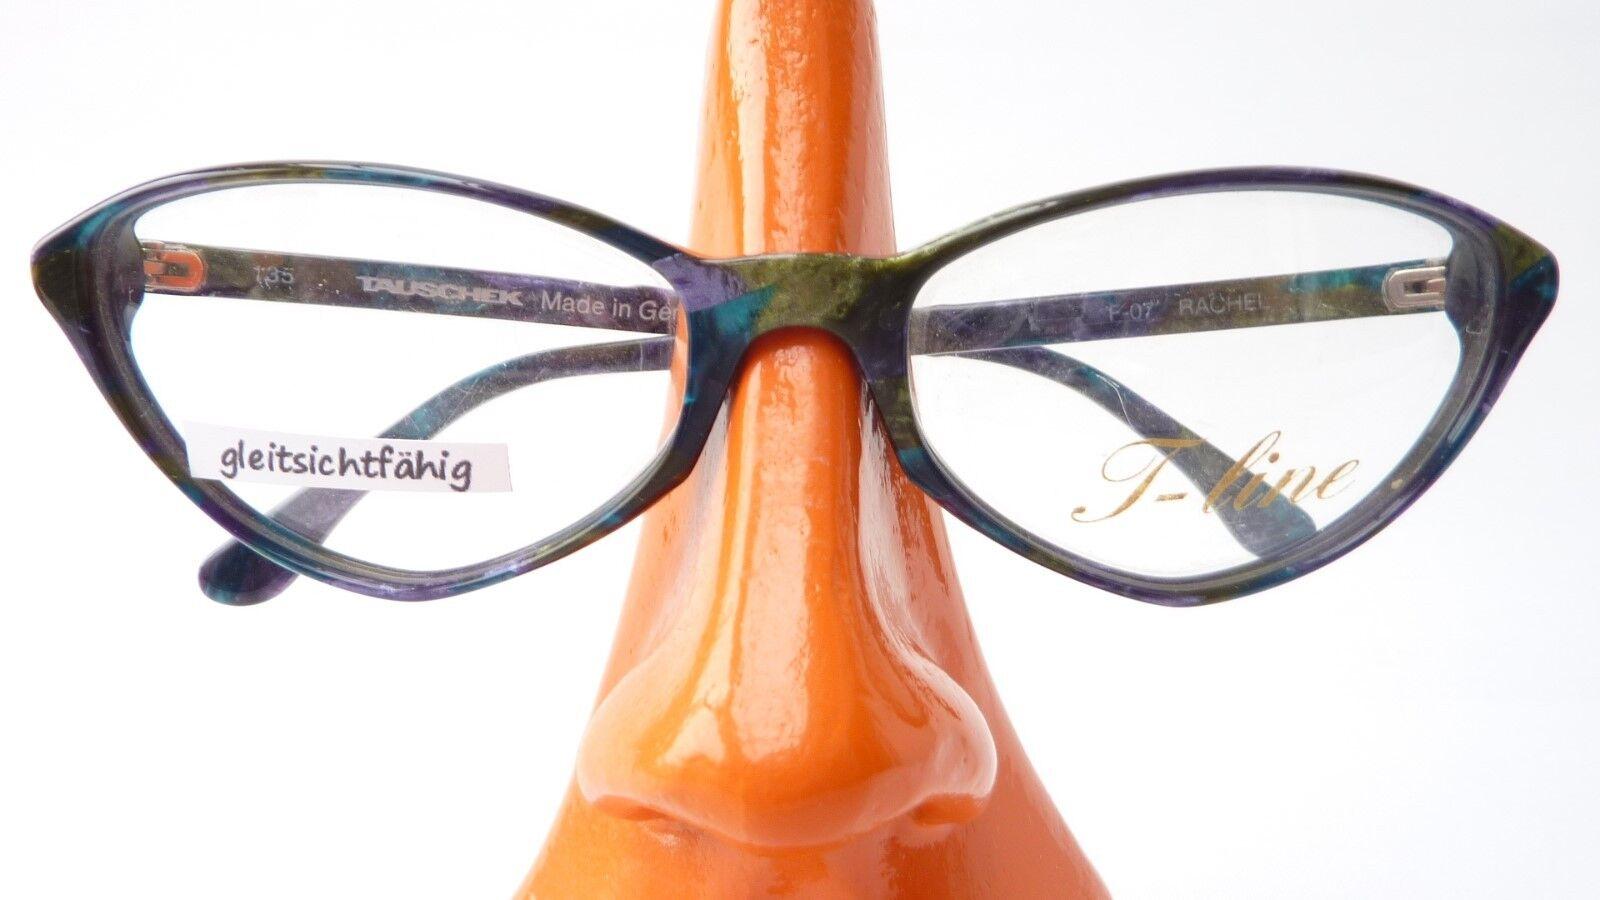 Brille Katzenauge farbig Kunststoff Gestell Vintage Fassung ausgefallen Gr M M M   Qualitätskönigin    Starke Hitze- und Abnutzungsbeständigkeit    Preiszugeständnisse  57f4a7